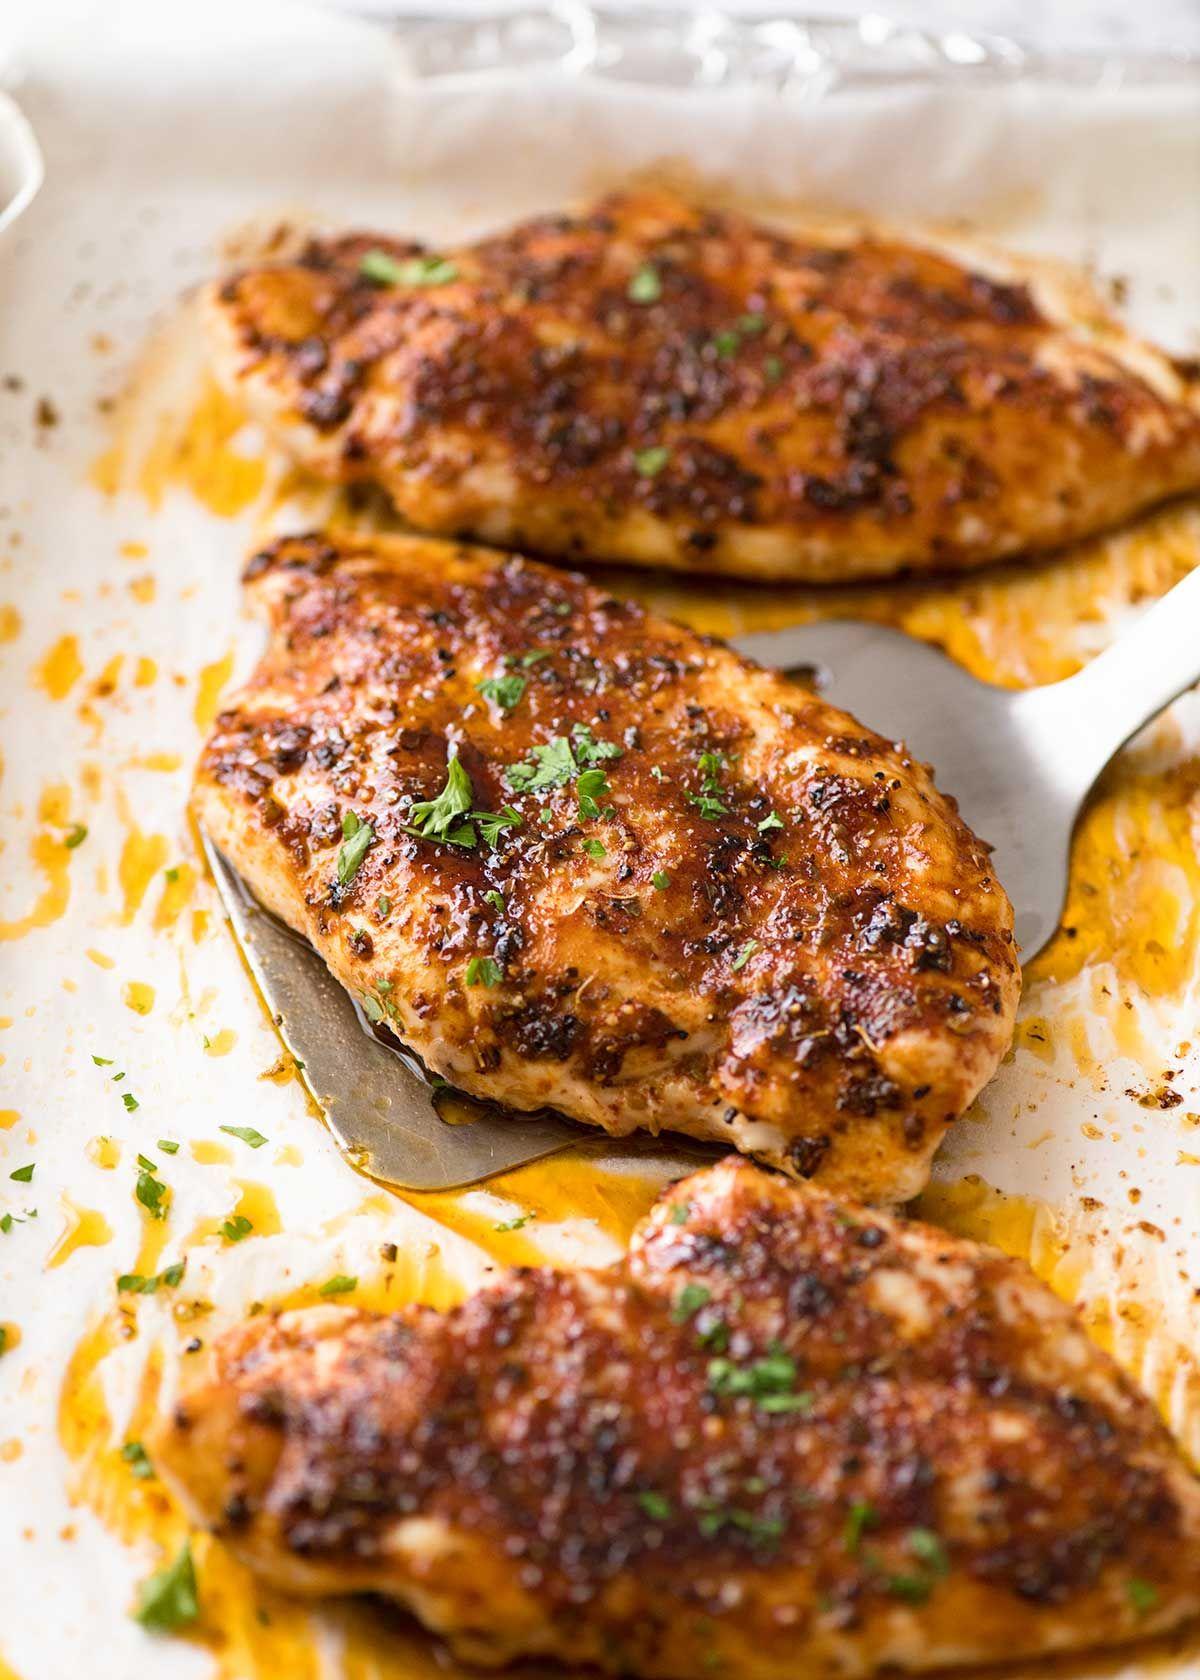 Oven baked chicken breast receta almuerzos comida y recetas forumfinder Gallery